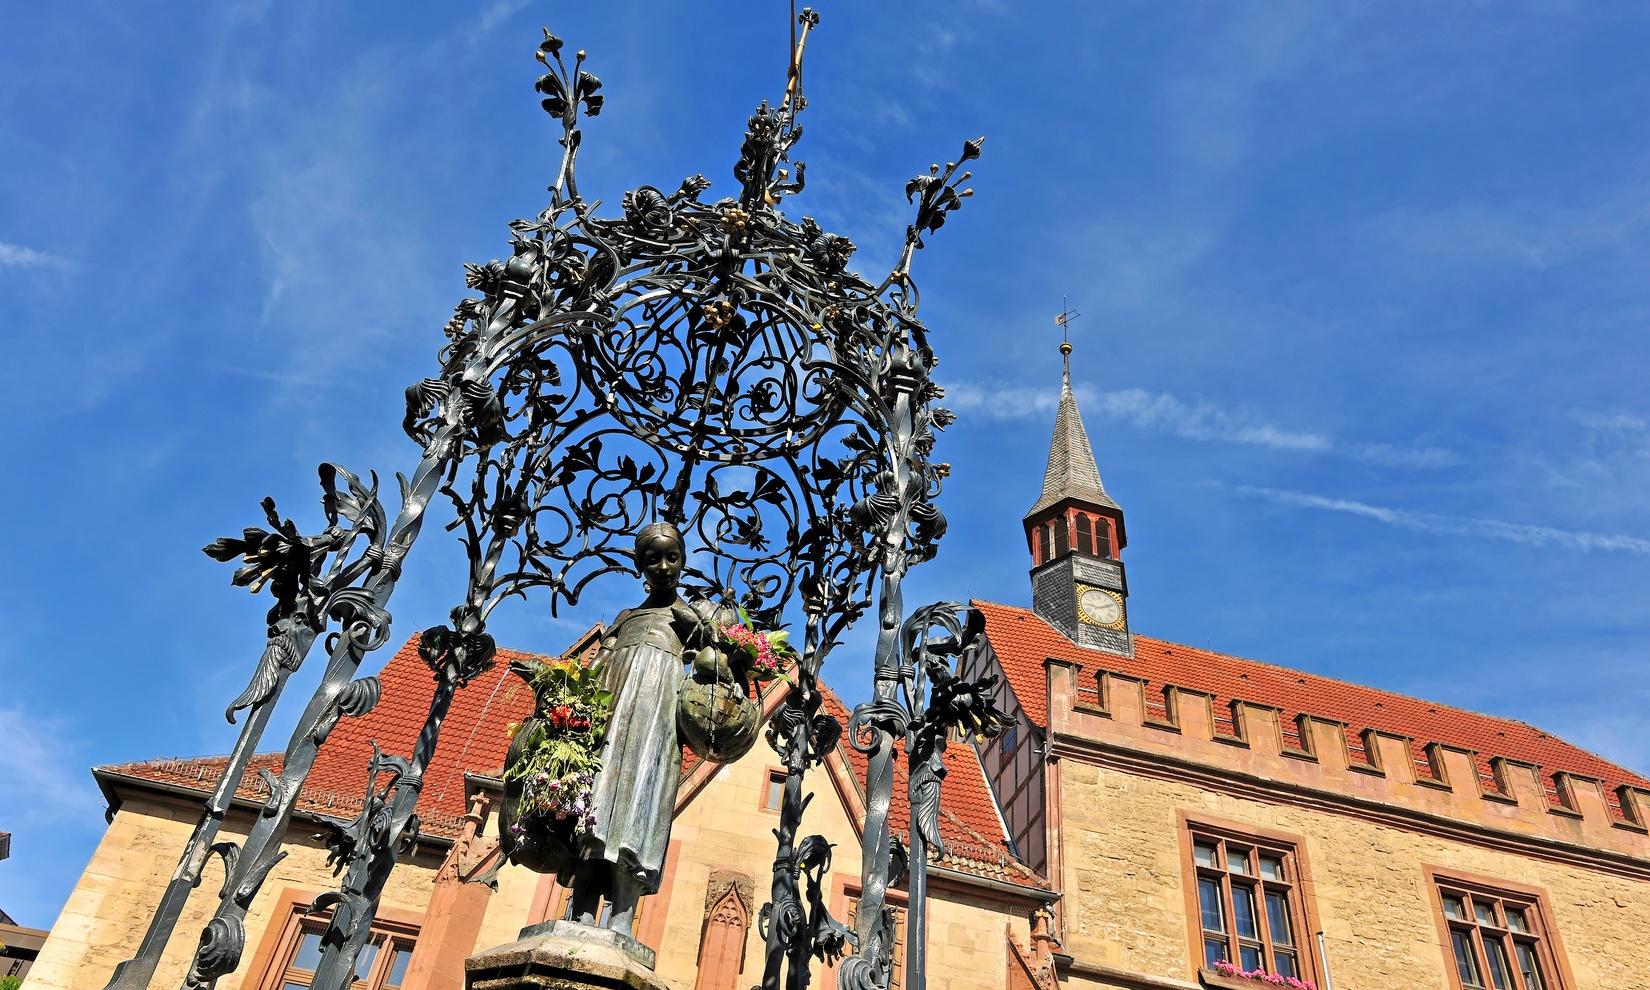 Haushaltsauflösung und Entrümpelung in Göttingen